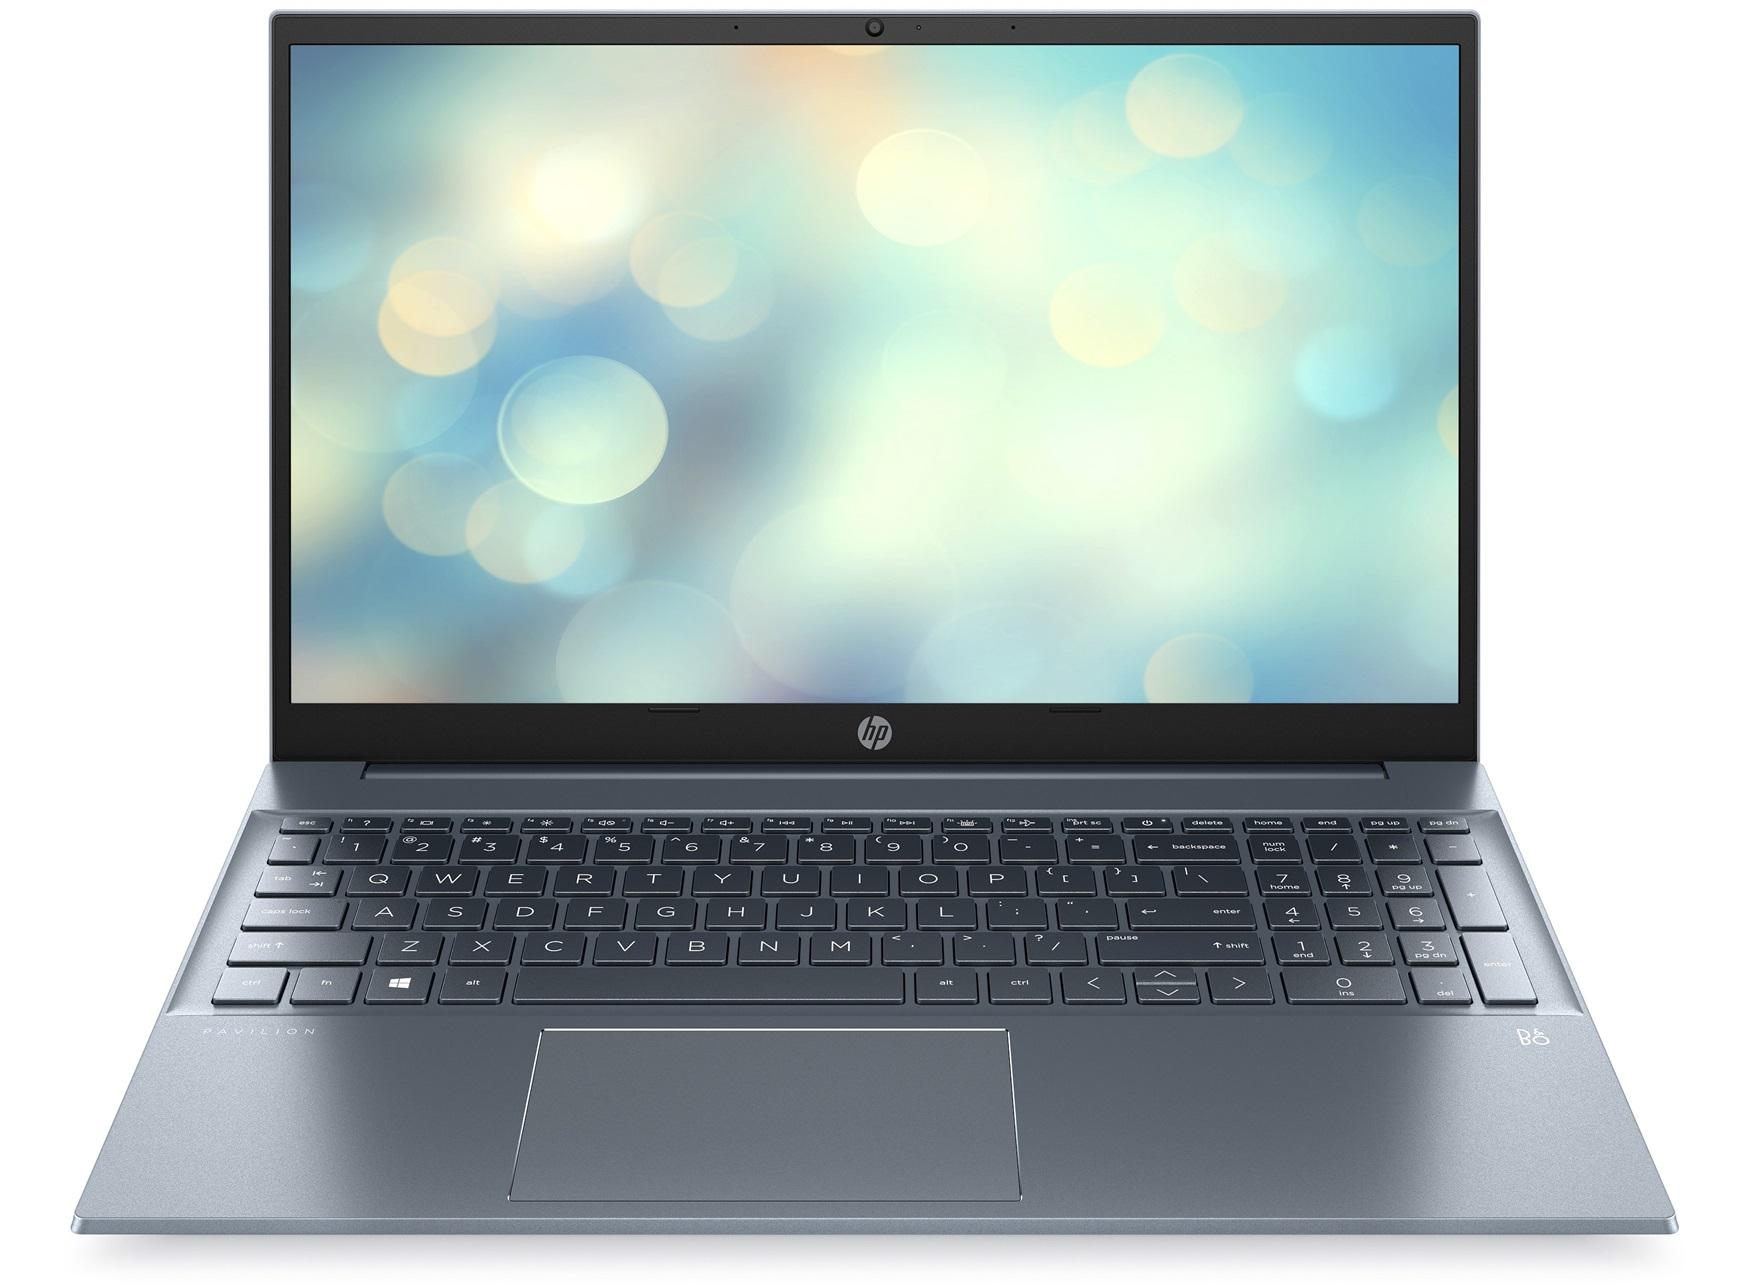 """PC portable 15.6"""" full HD HP Pavilion 15-eh0003nf - Ryzen 7 4700U, 16 Go de RAM, 1 To en SSD, Windows 10"""